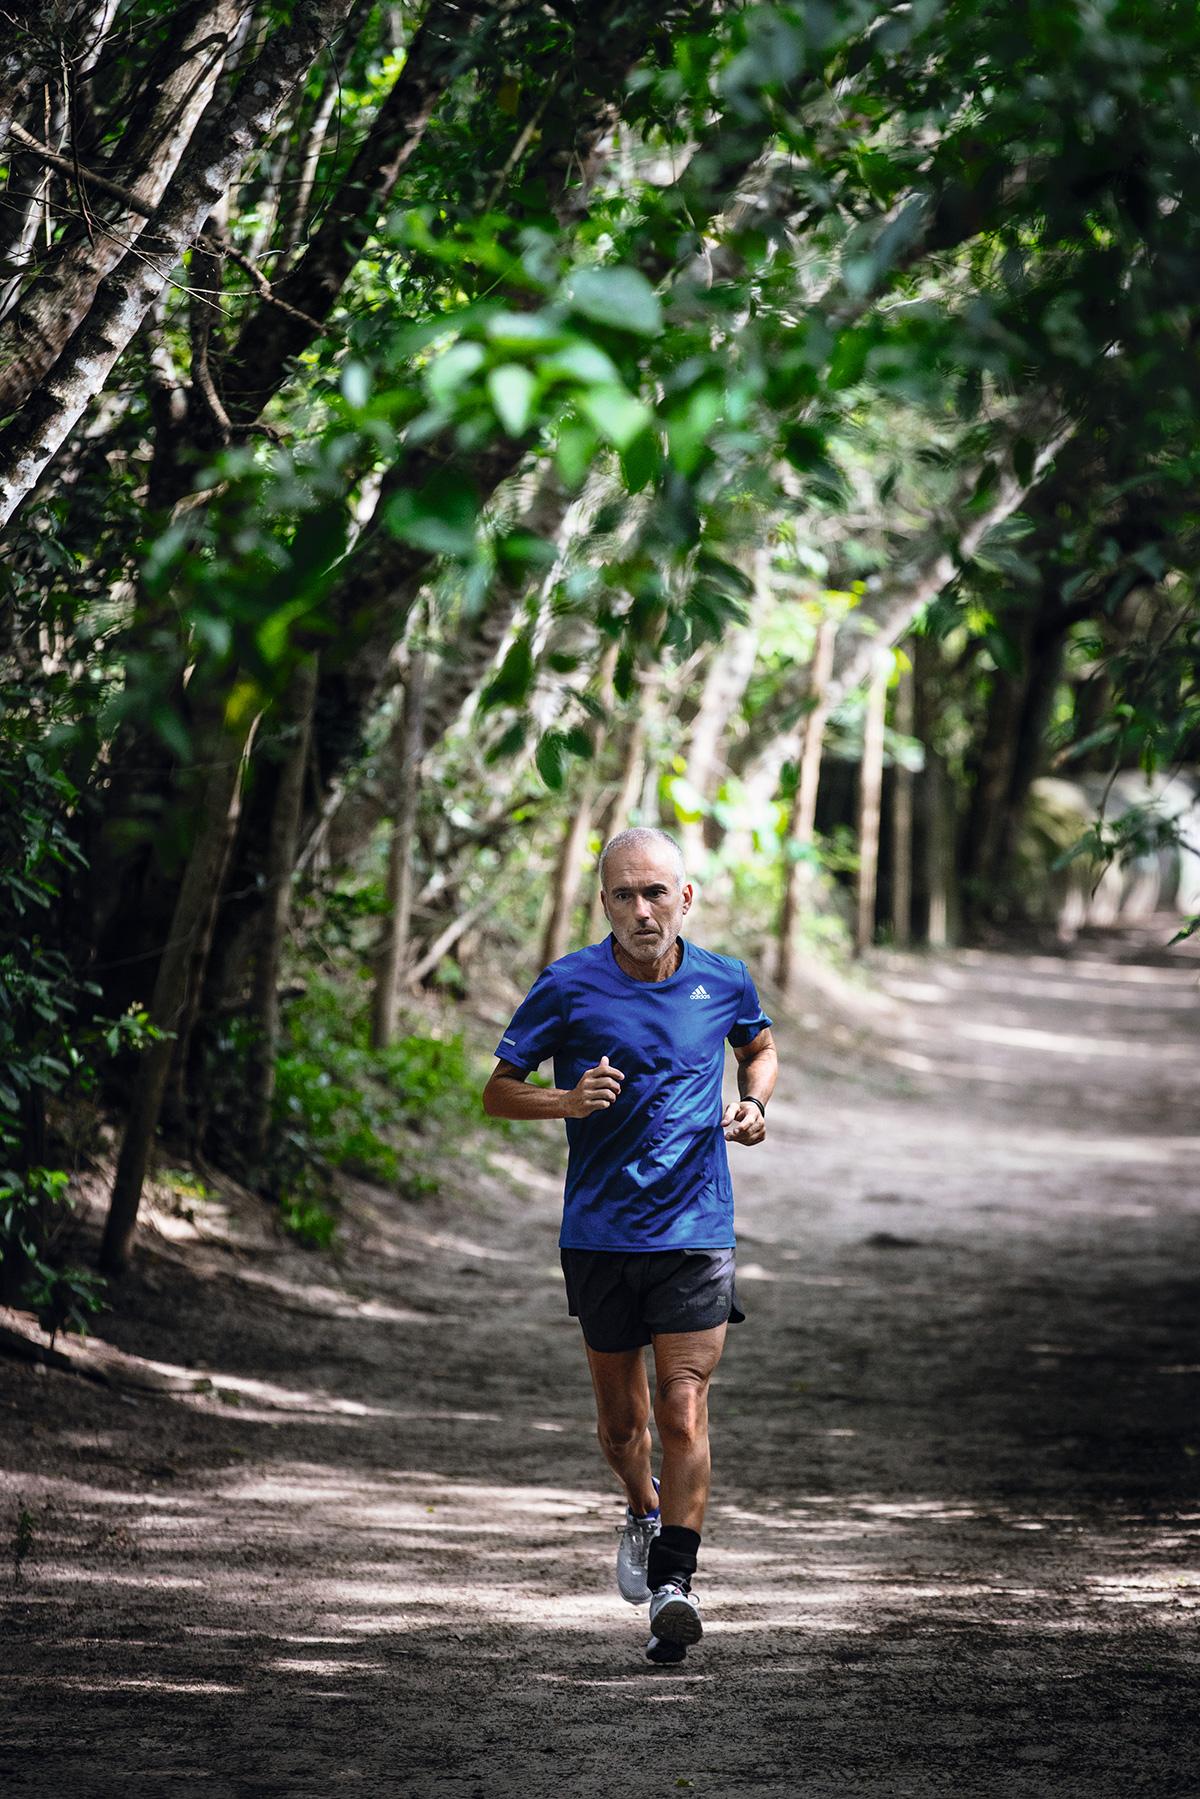 De tornozeleira eletrônica, o doleiro Cláudio Fernando Barboza de Souza, o Tony, segue com a rotina de exercícios físicos e planeja percorrer os 800 quilômetros do Caminho de Santiago